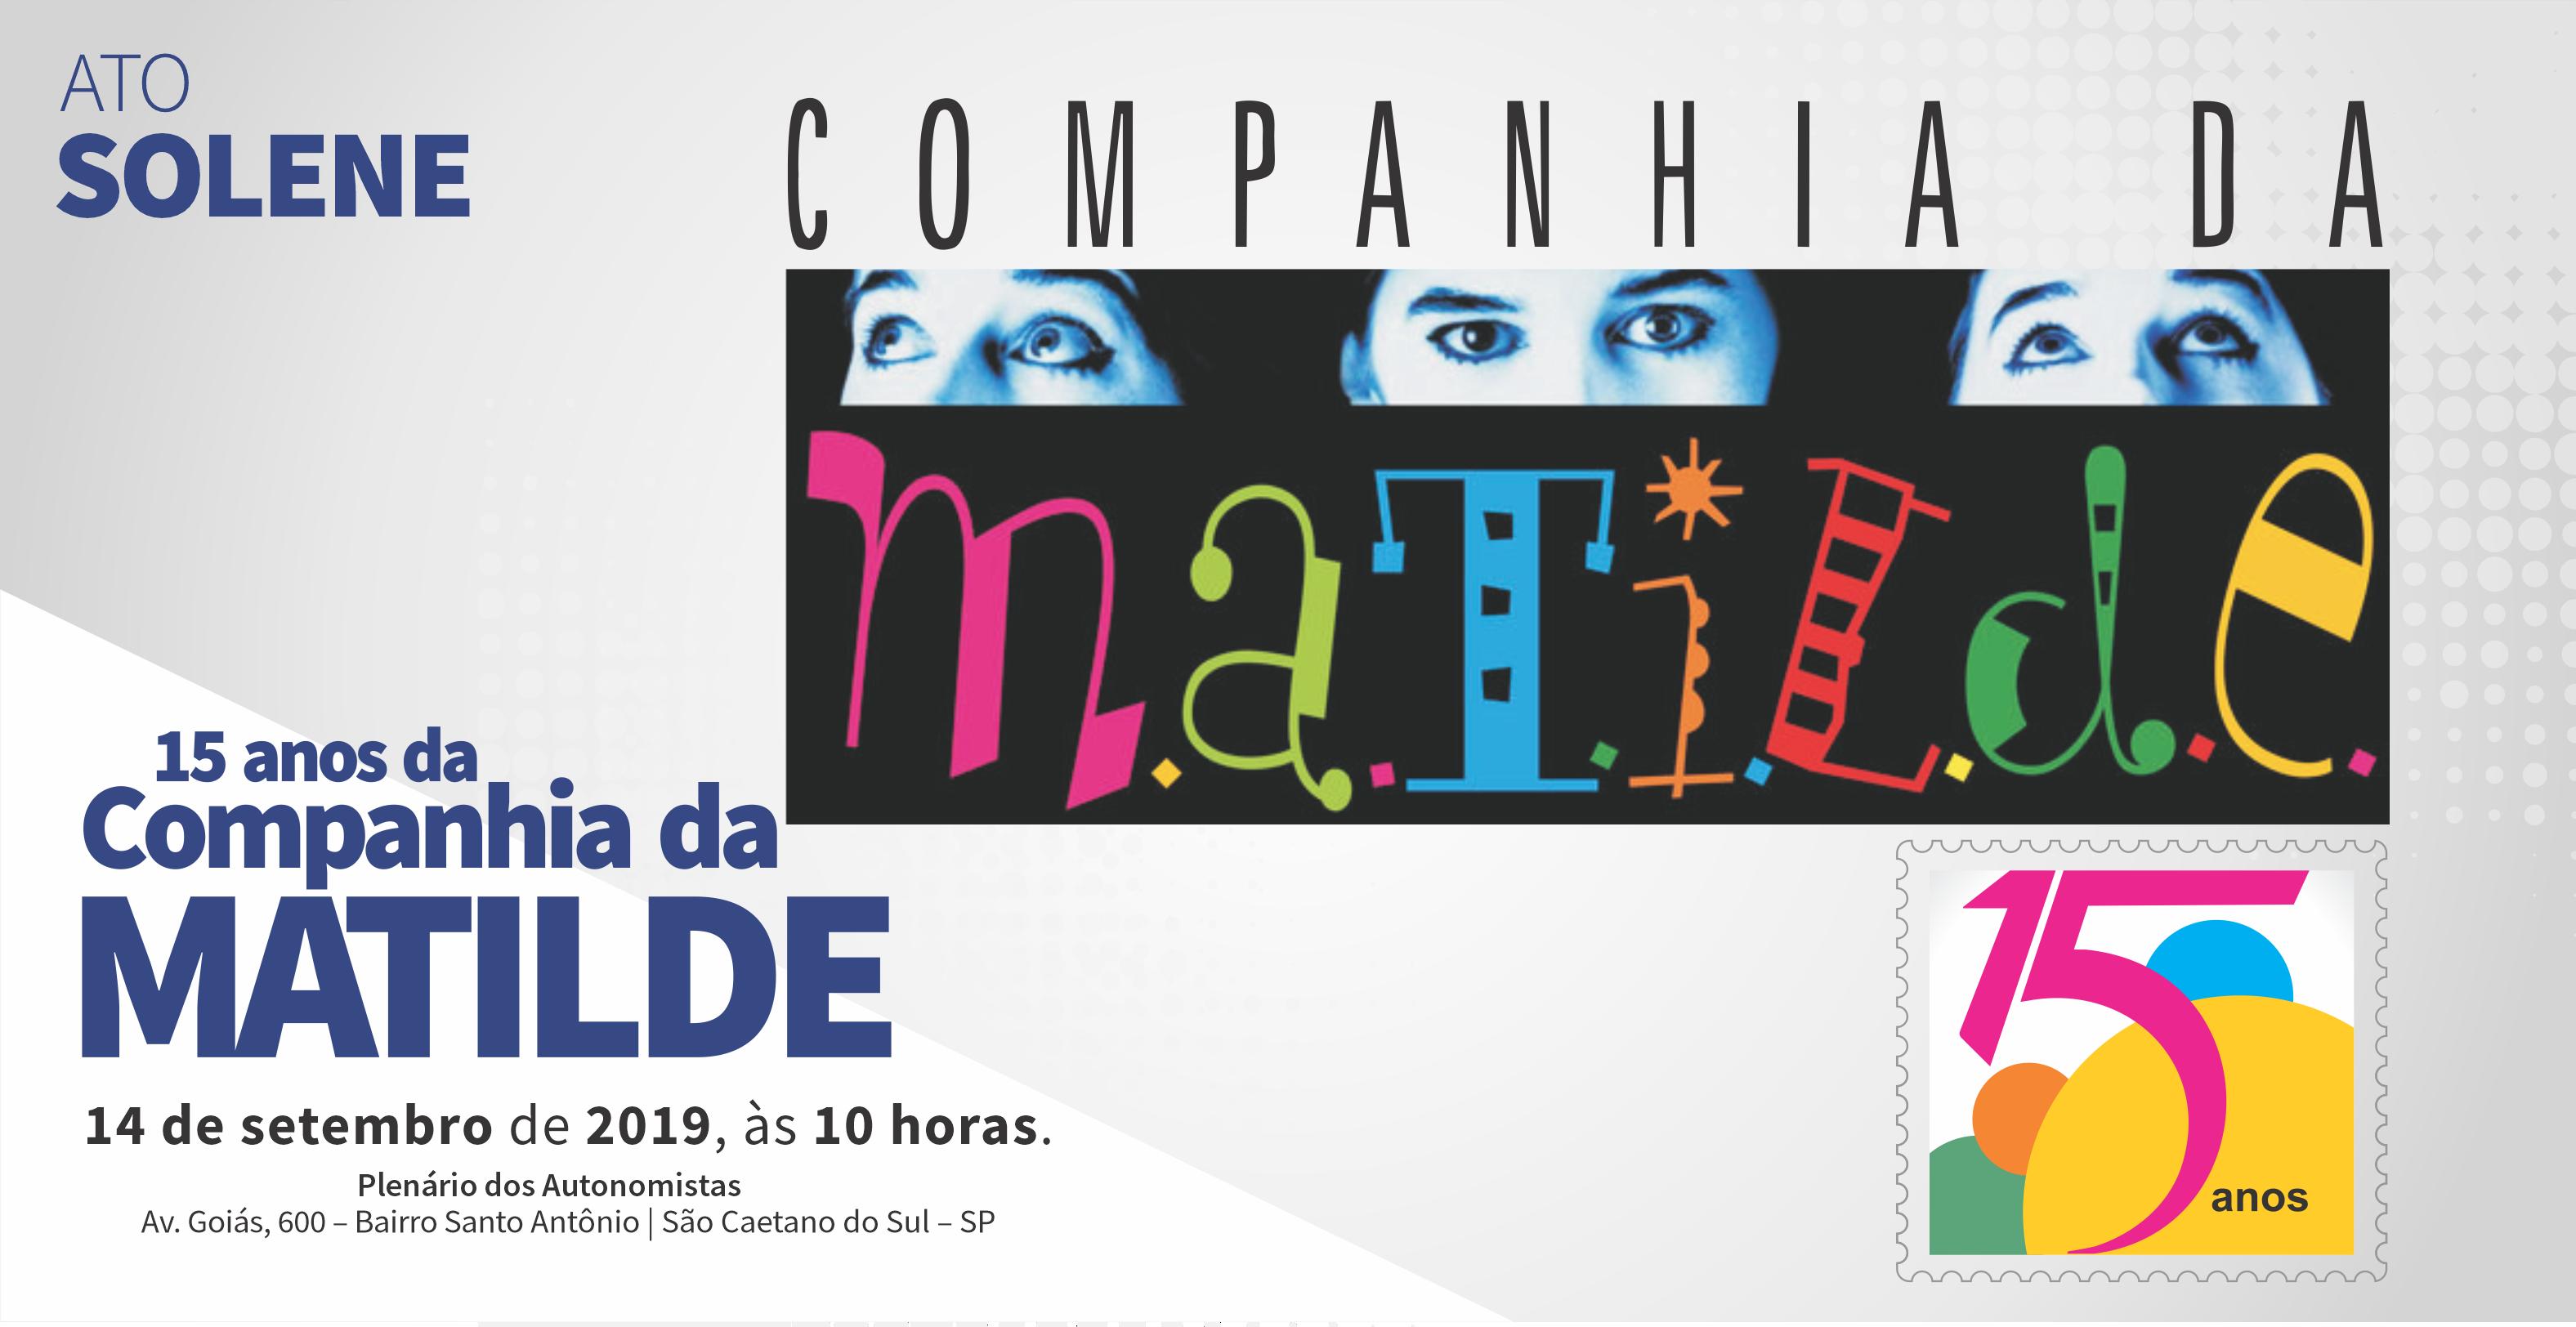 Ato Solene - 15 anos da Companhia Matilde